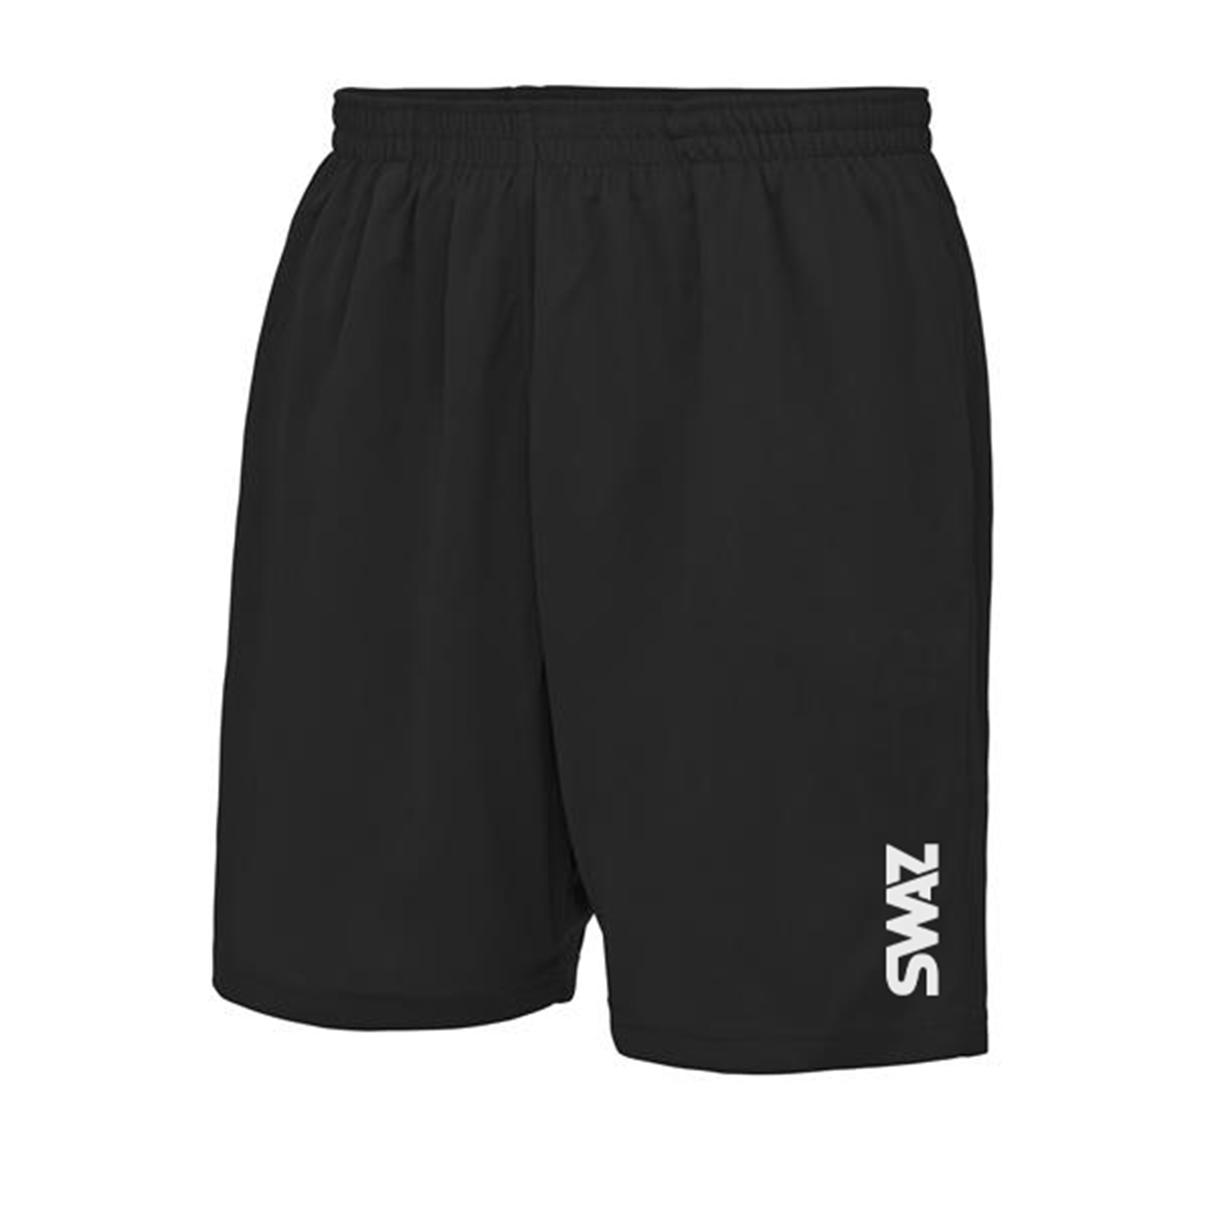 SWAZ Youth Training Shorts – Black